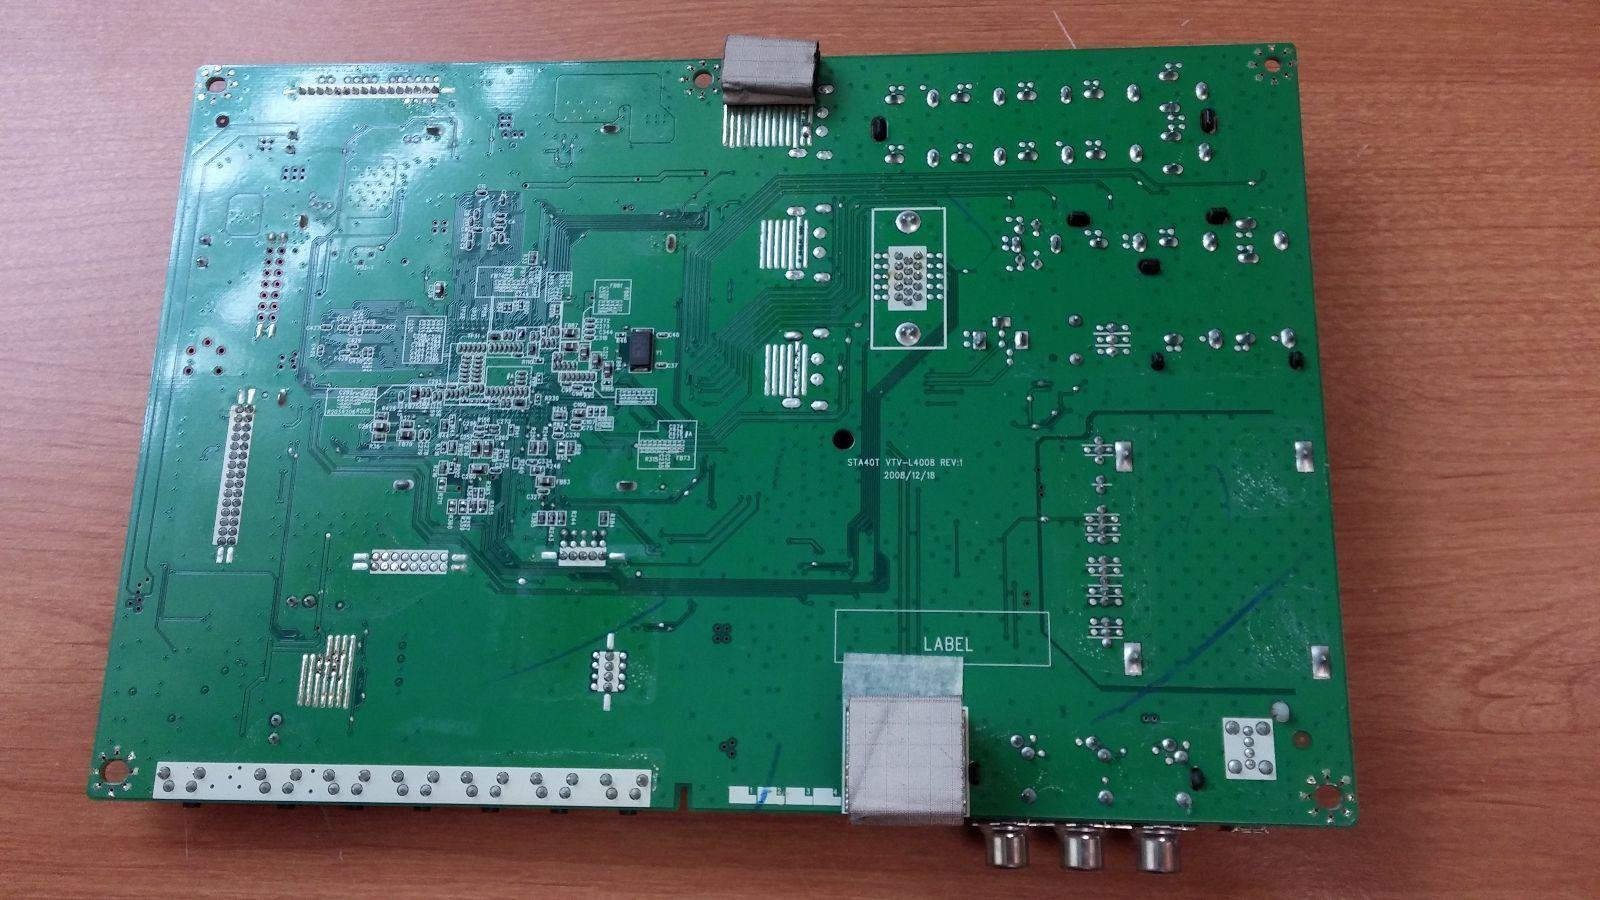 Toshiba 75014272 (STA40T, VTV-L4008) Main Board